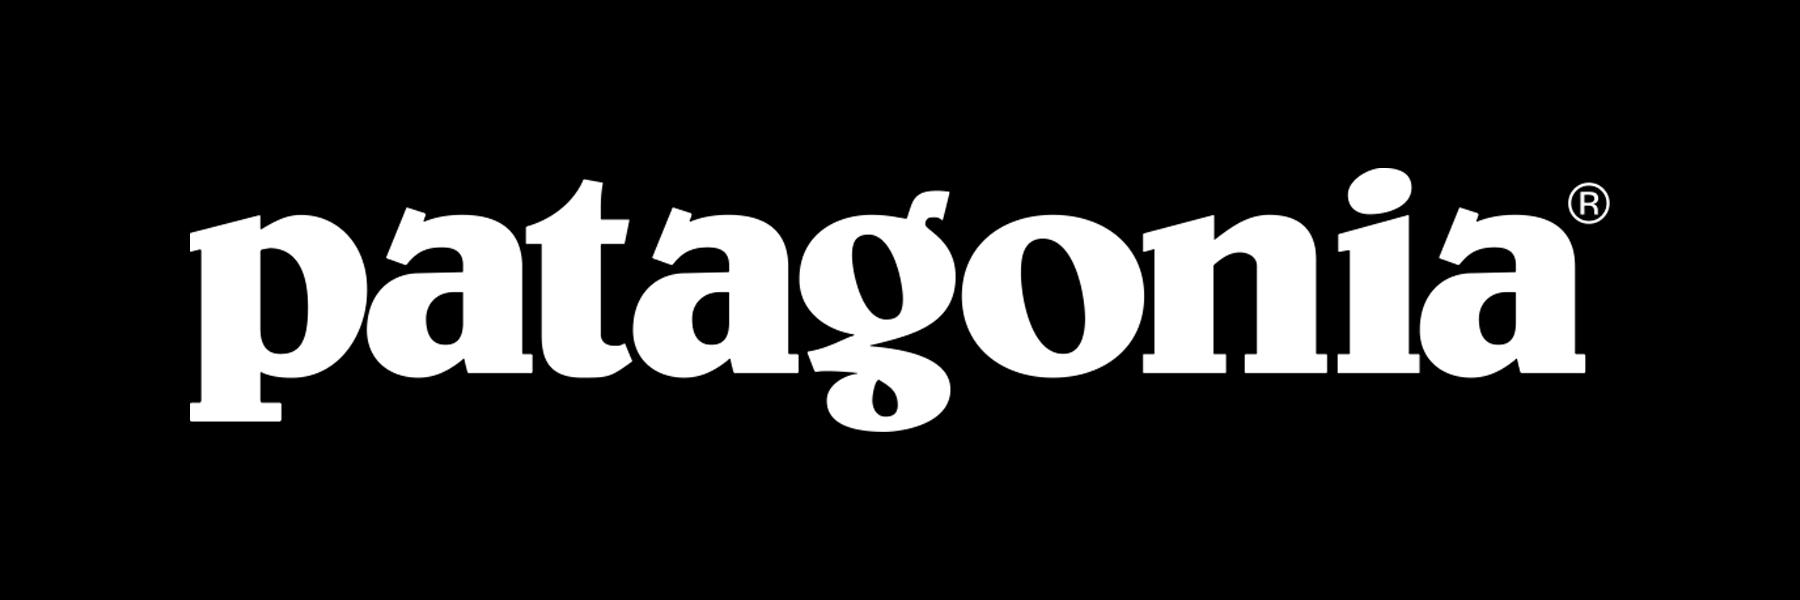 patagonia_logo_Black_and_White.png